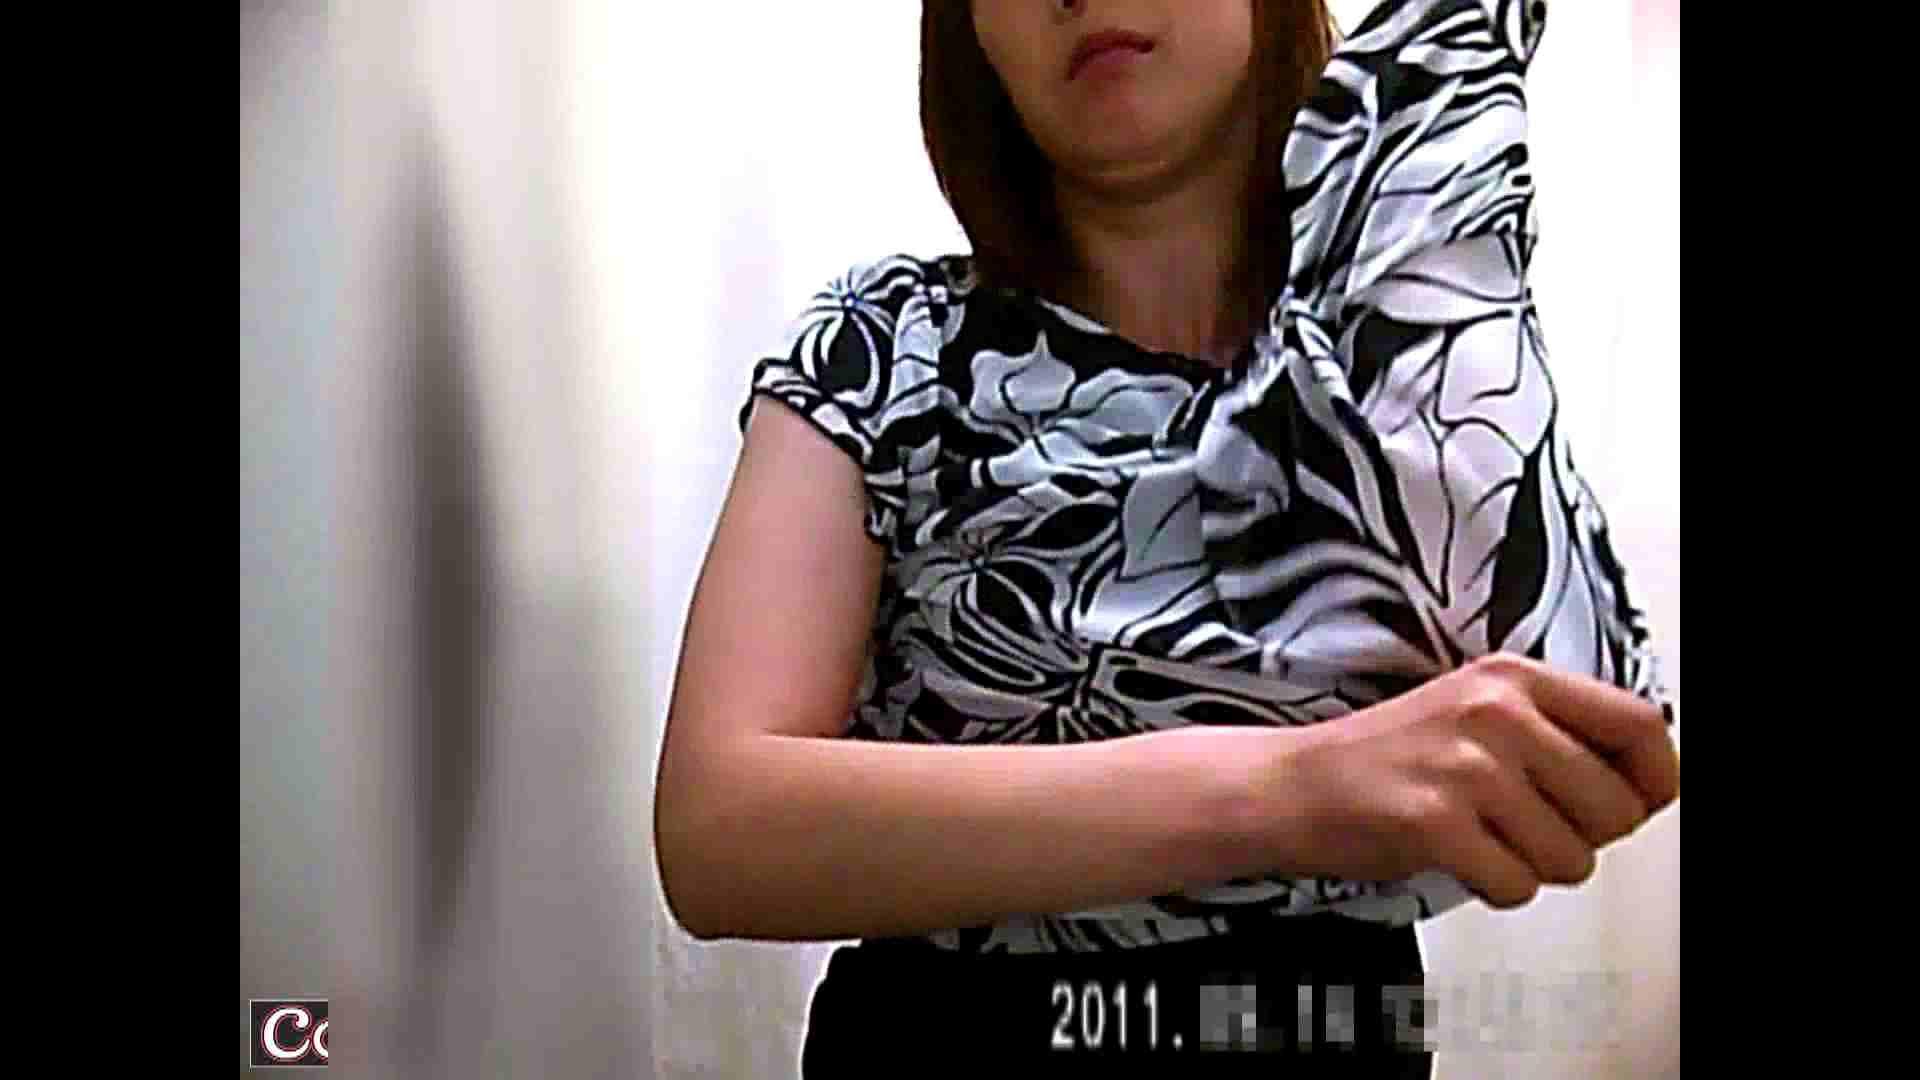 無修正エロ動画:元医者による反抗 更衣室地獄絵巻 vol.285:怪盗ジョーカー